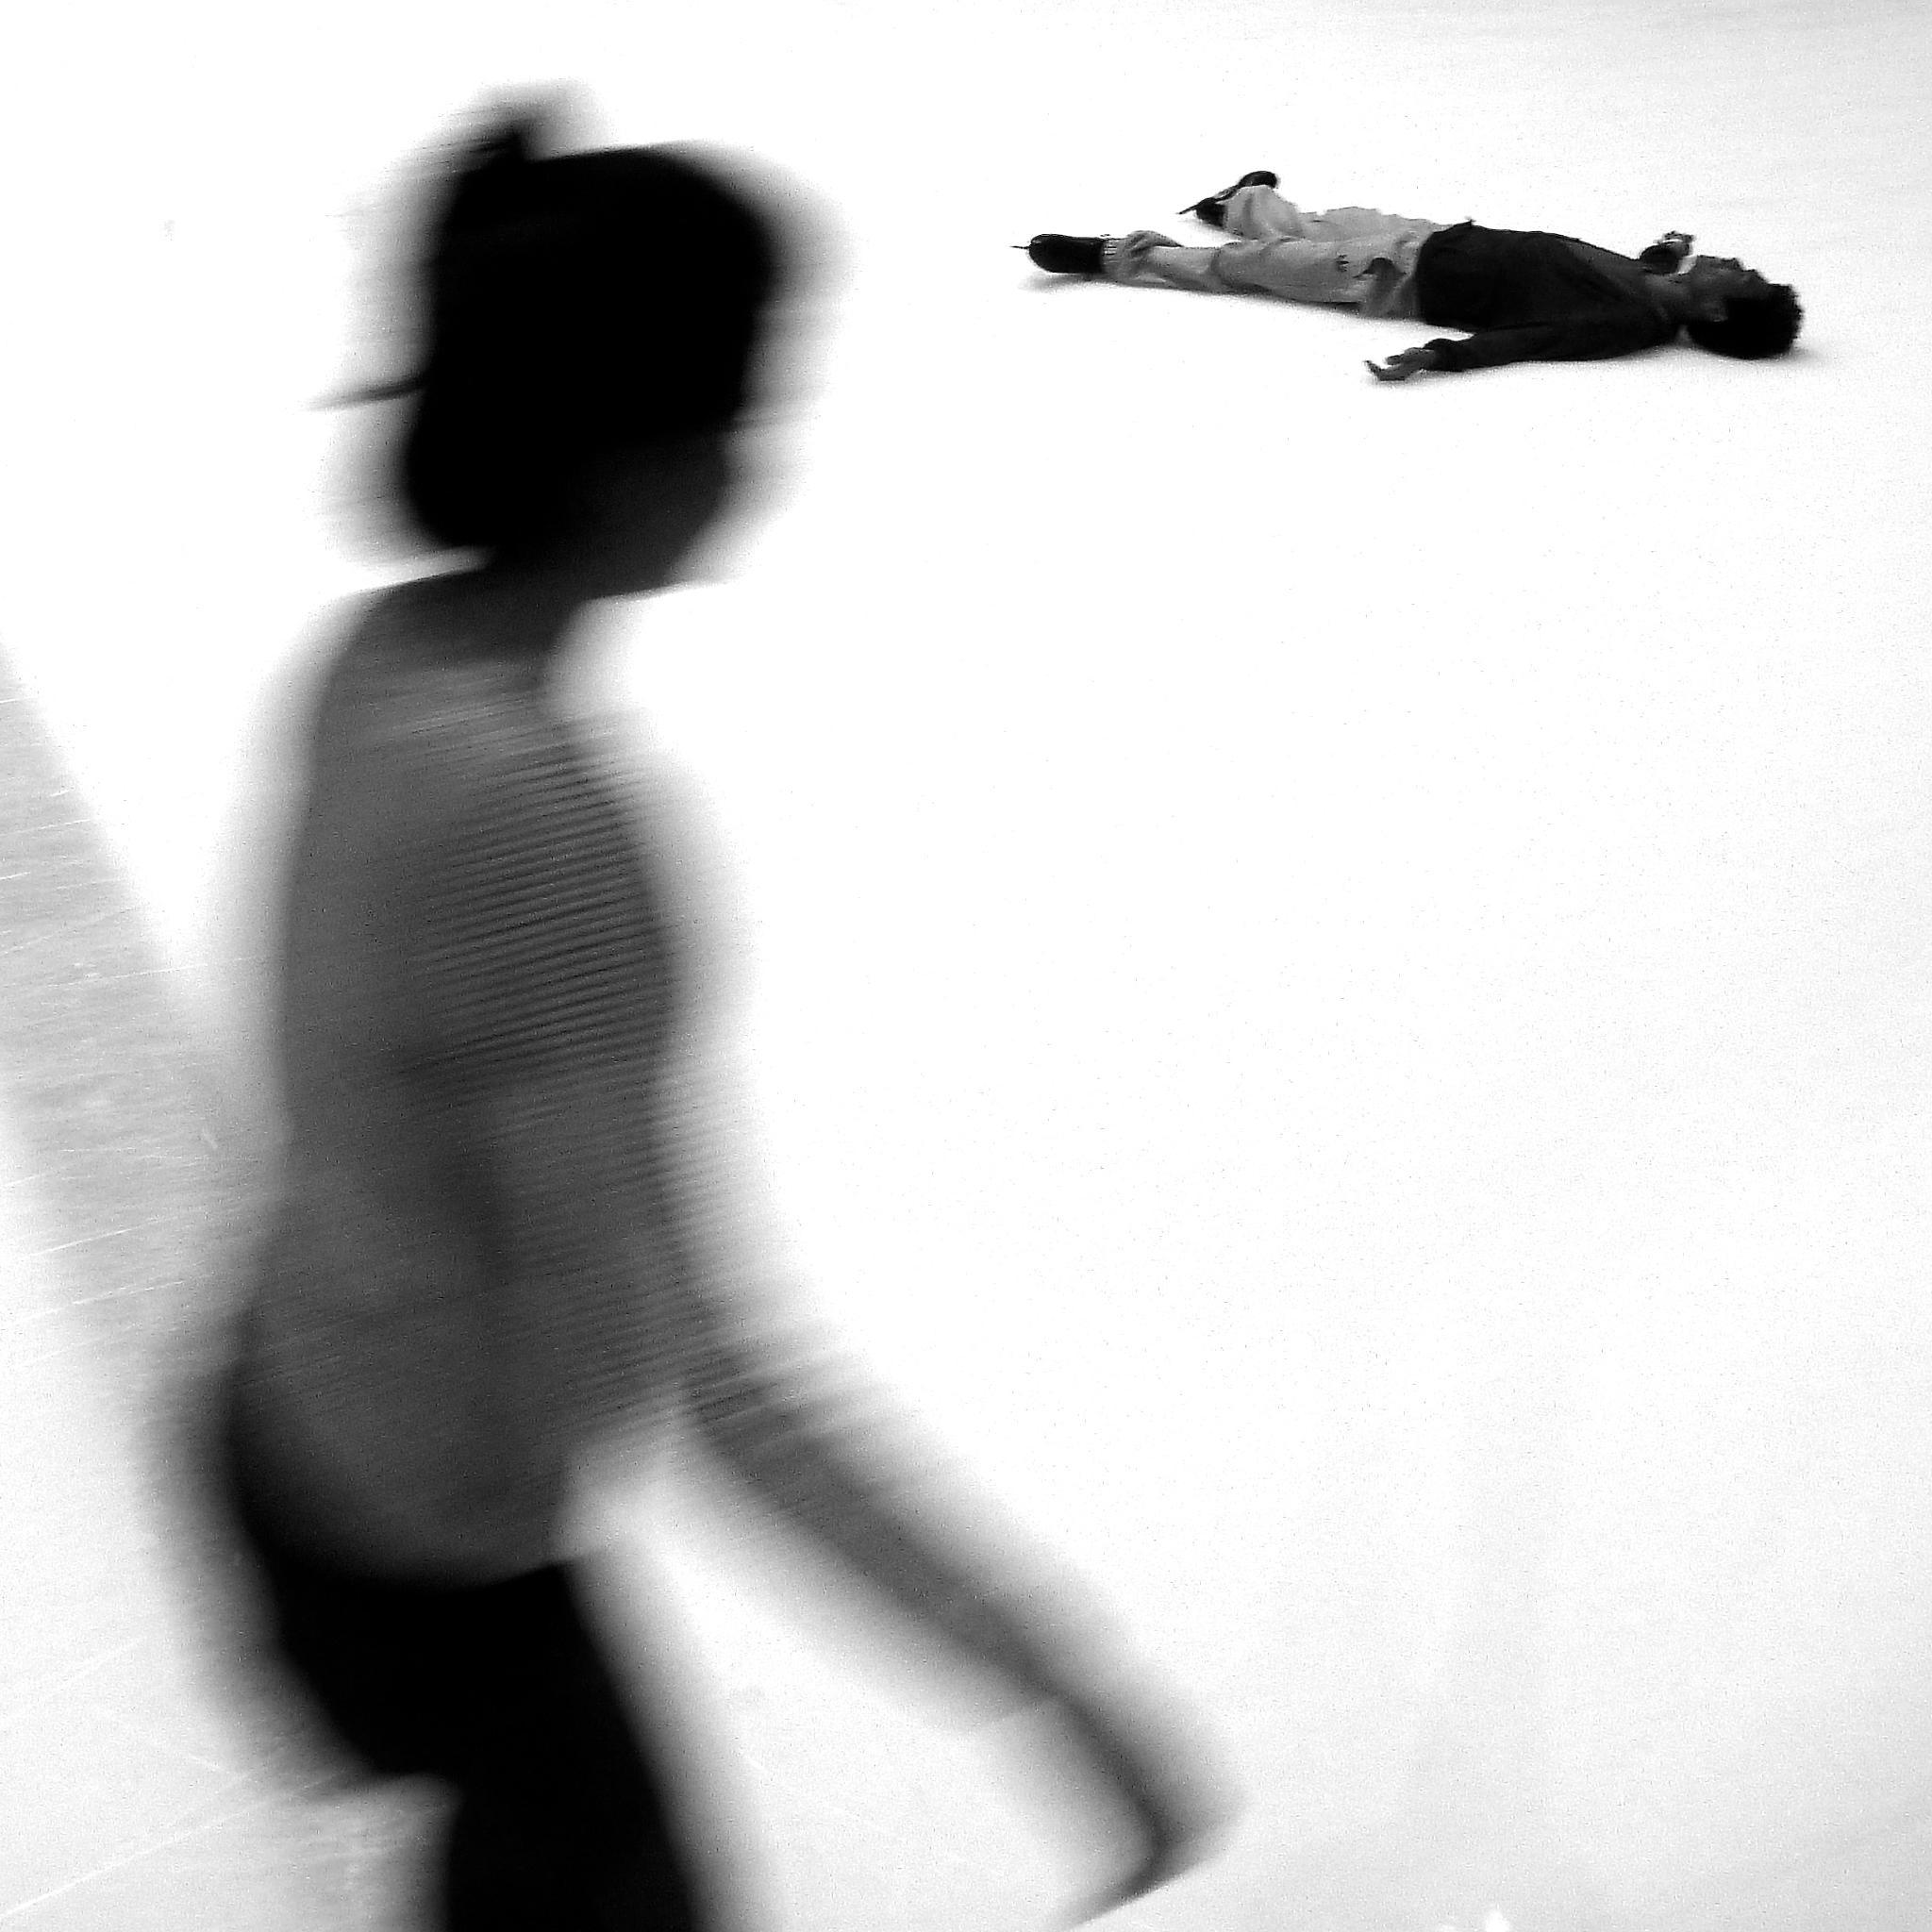 Untitled by Luis Cutileiro